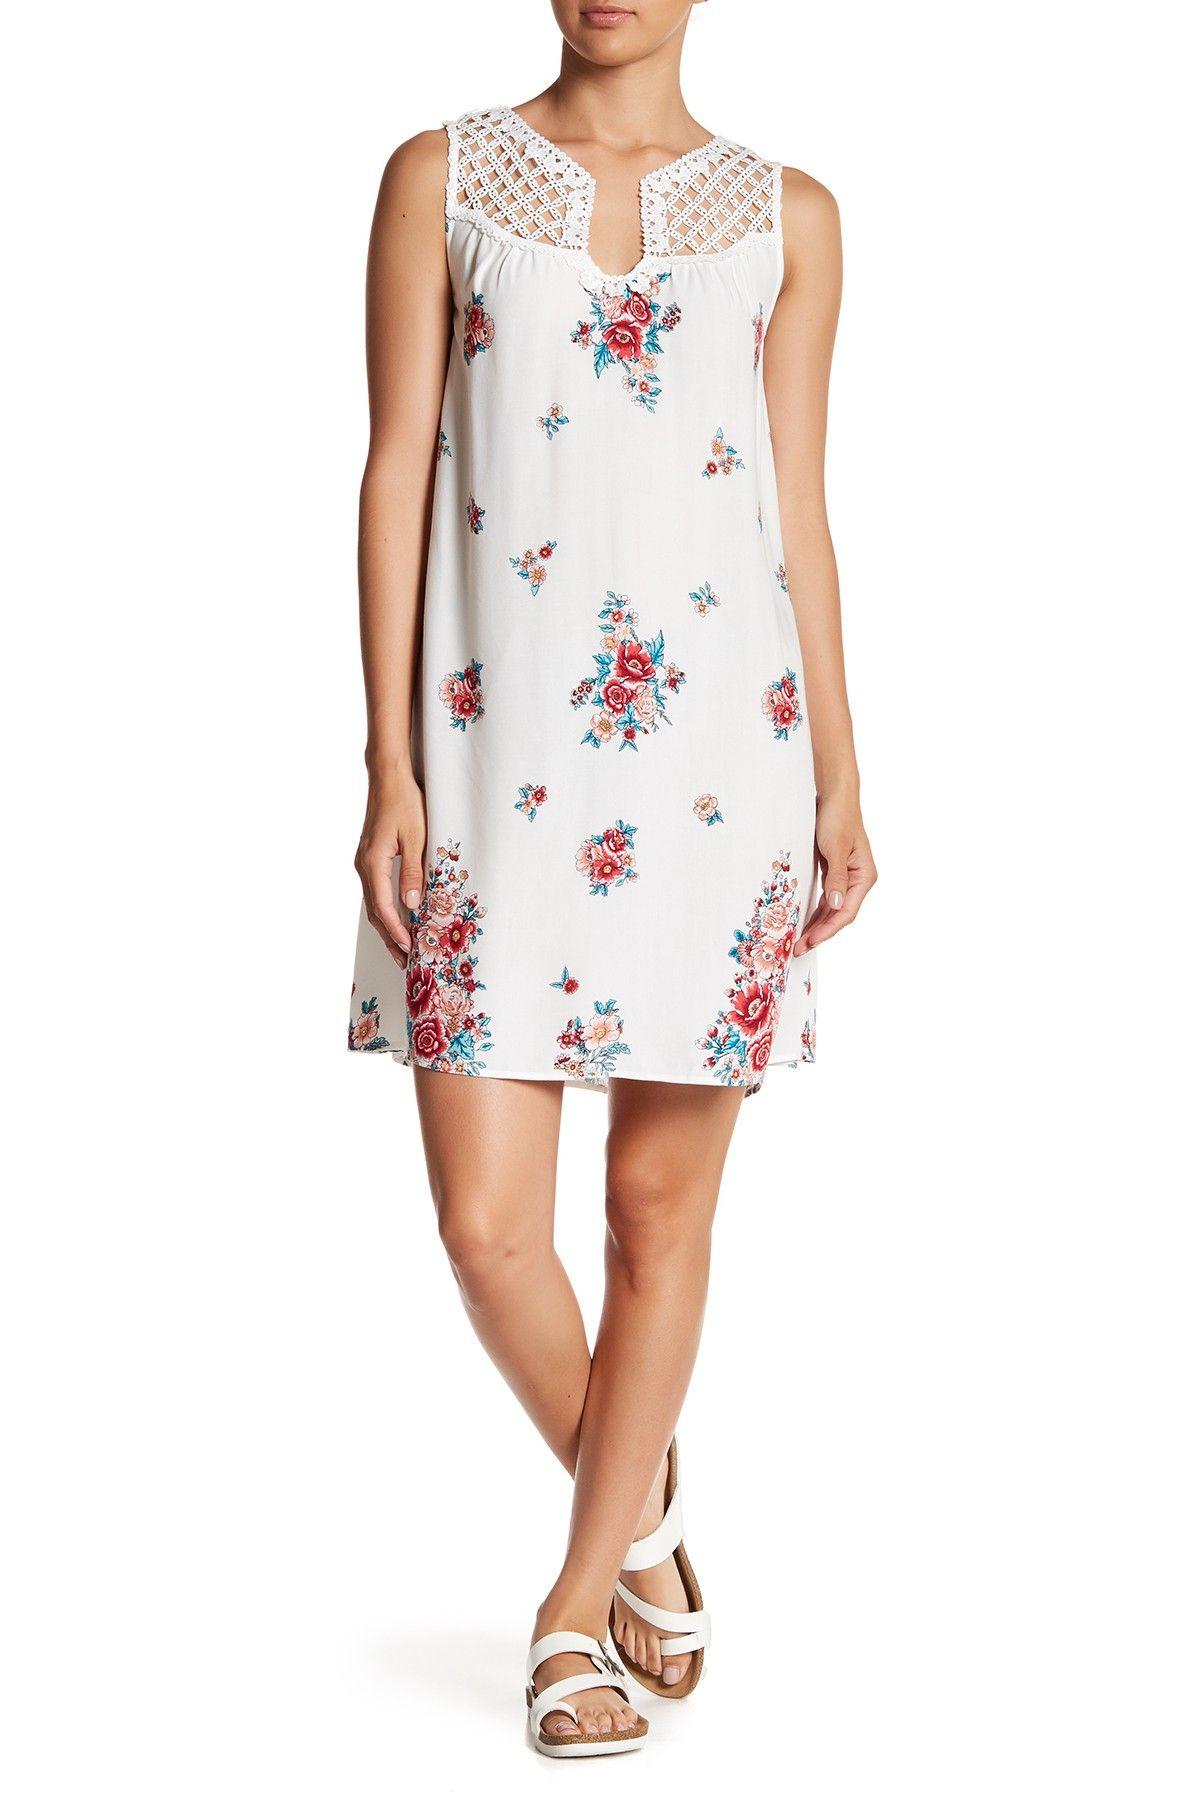 Tassels N Lace Crochet Yoke Floral Dress Products